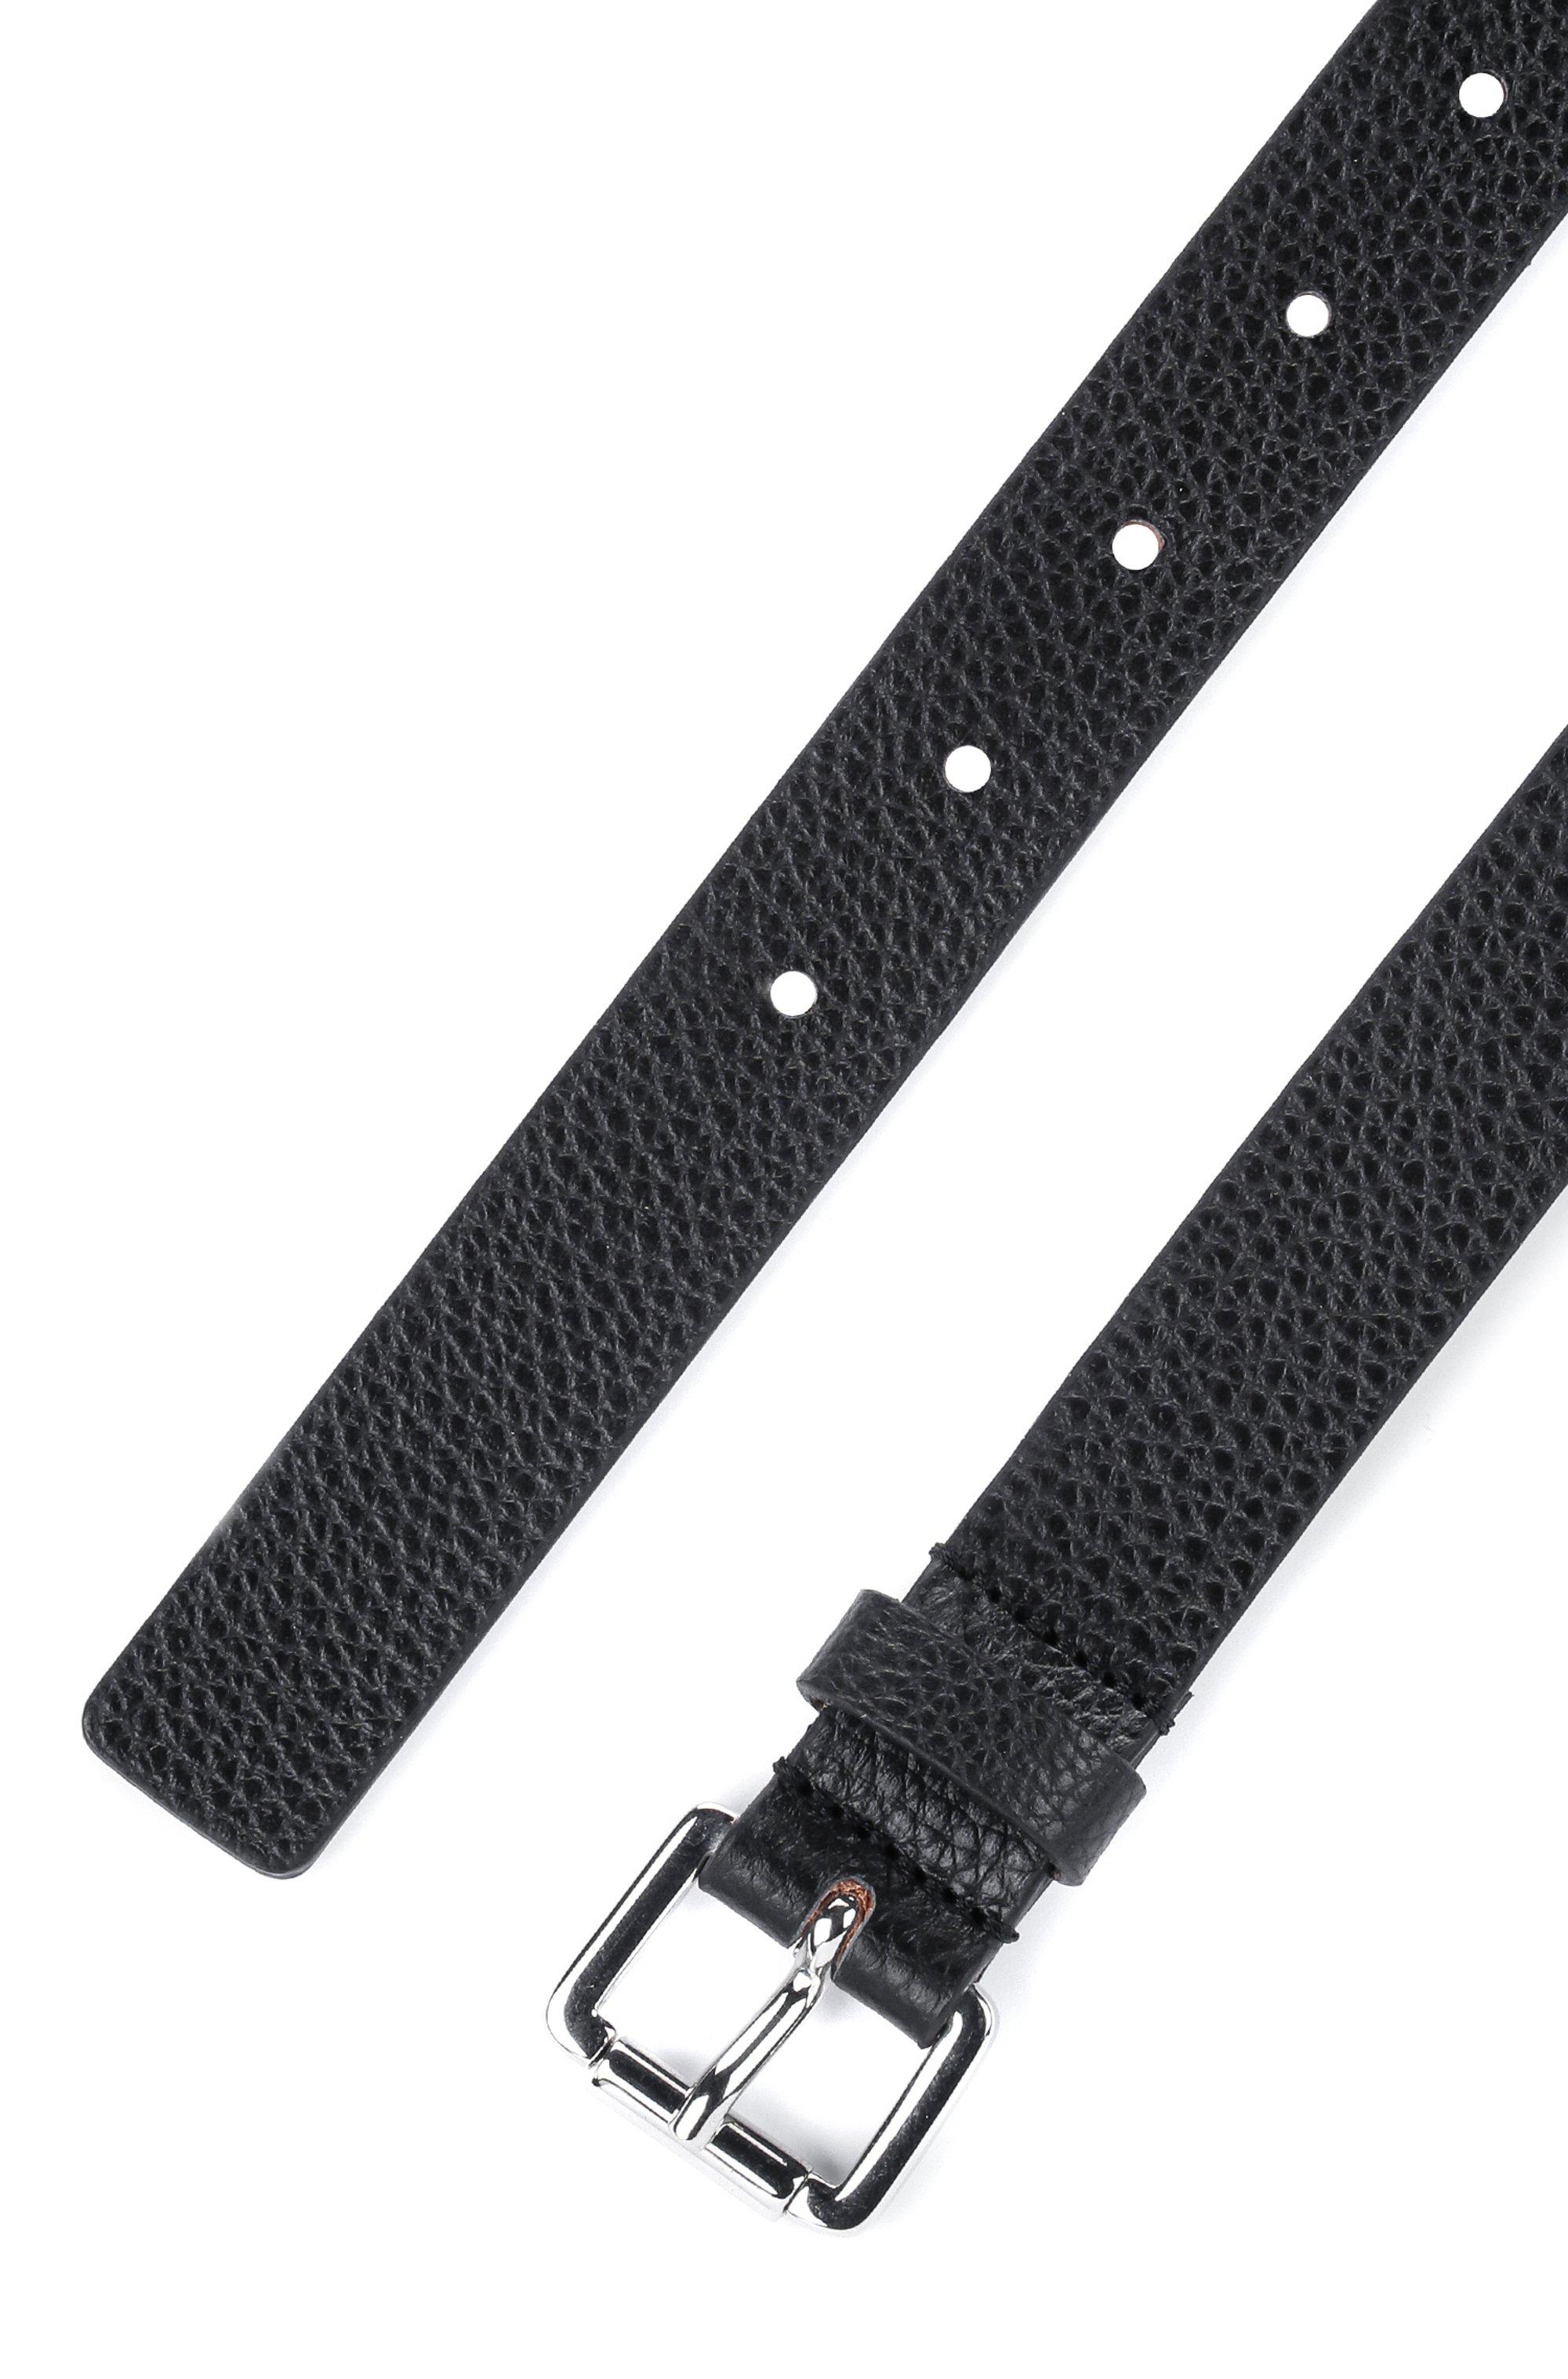 Cinturón de piel granulada italiana con hebilla de rodillo